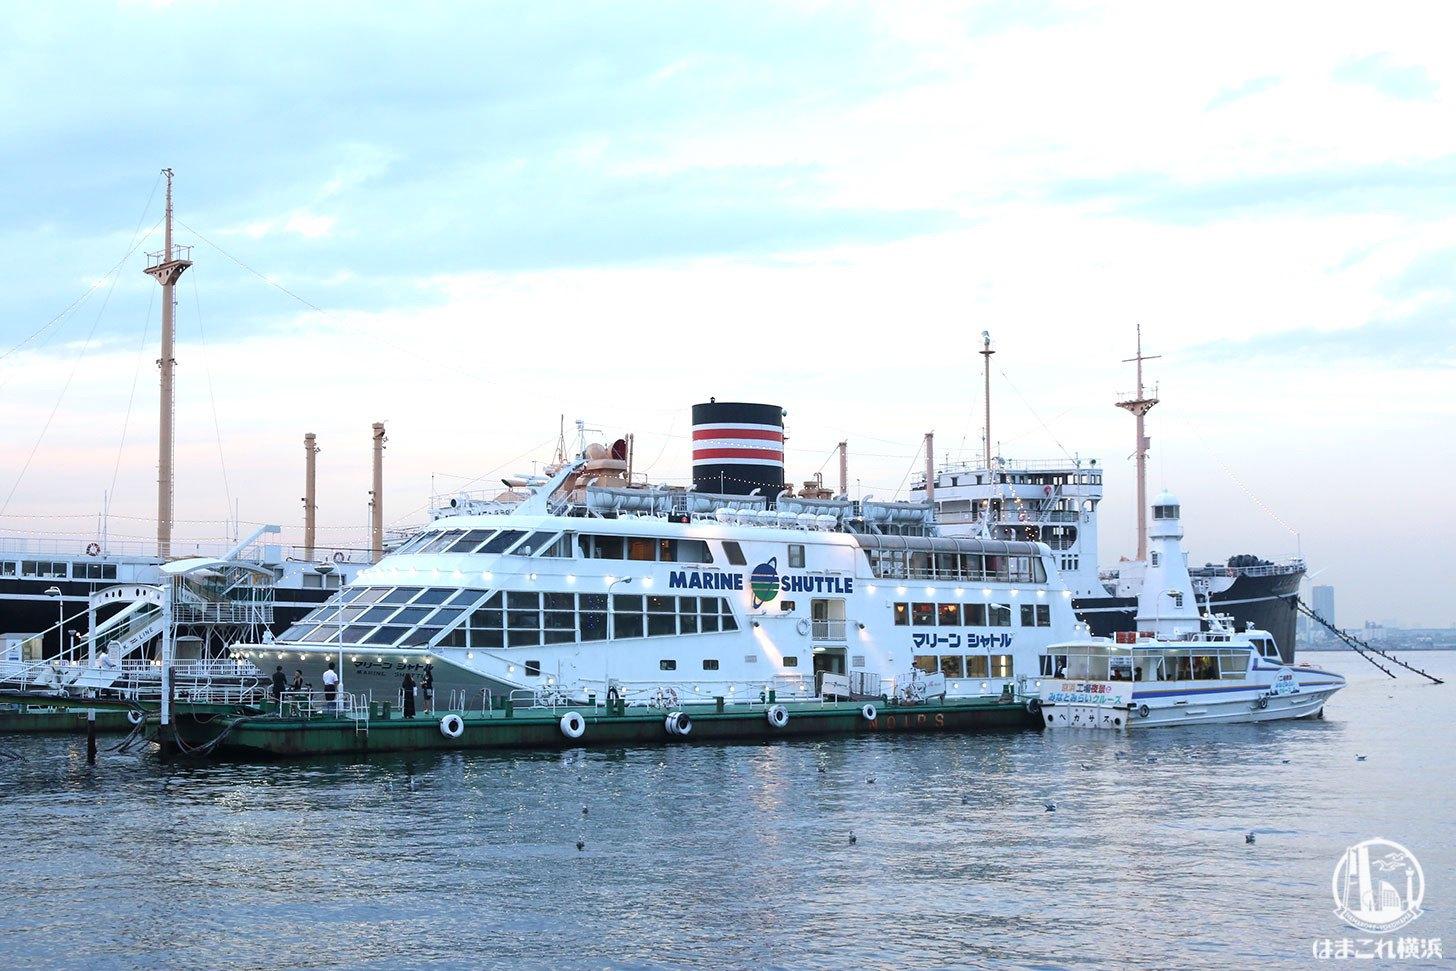 横浜港観光船「マリーンシャトル」2021年7月をもって運航終了